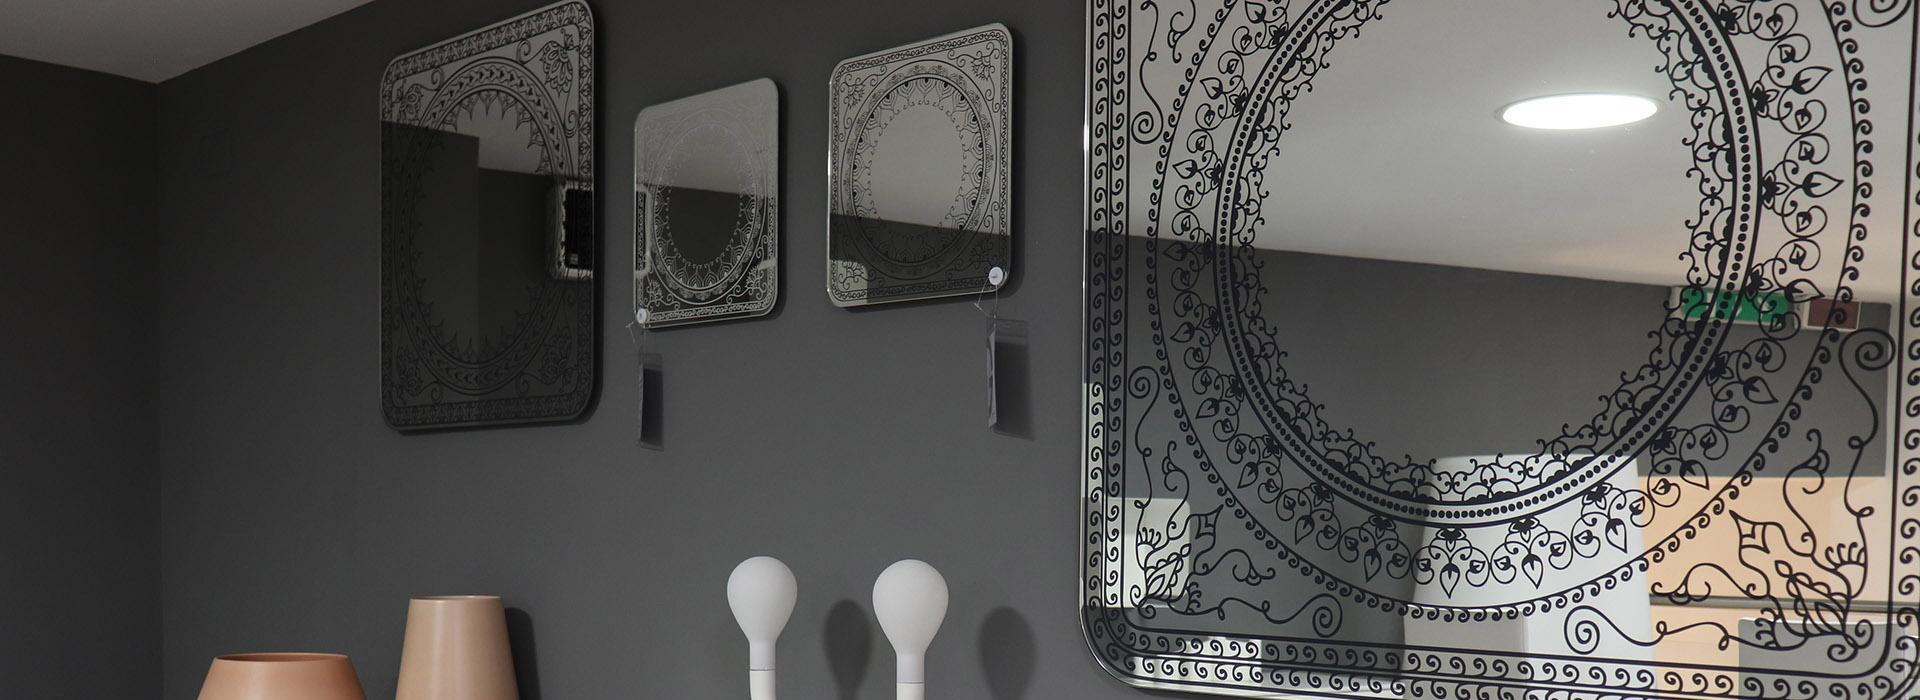 Damasco specchi calligaris ginocchi arredamenti for Ginocchi arredamenti